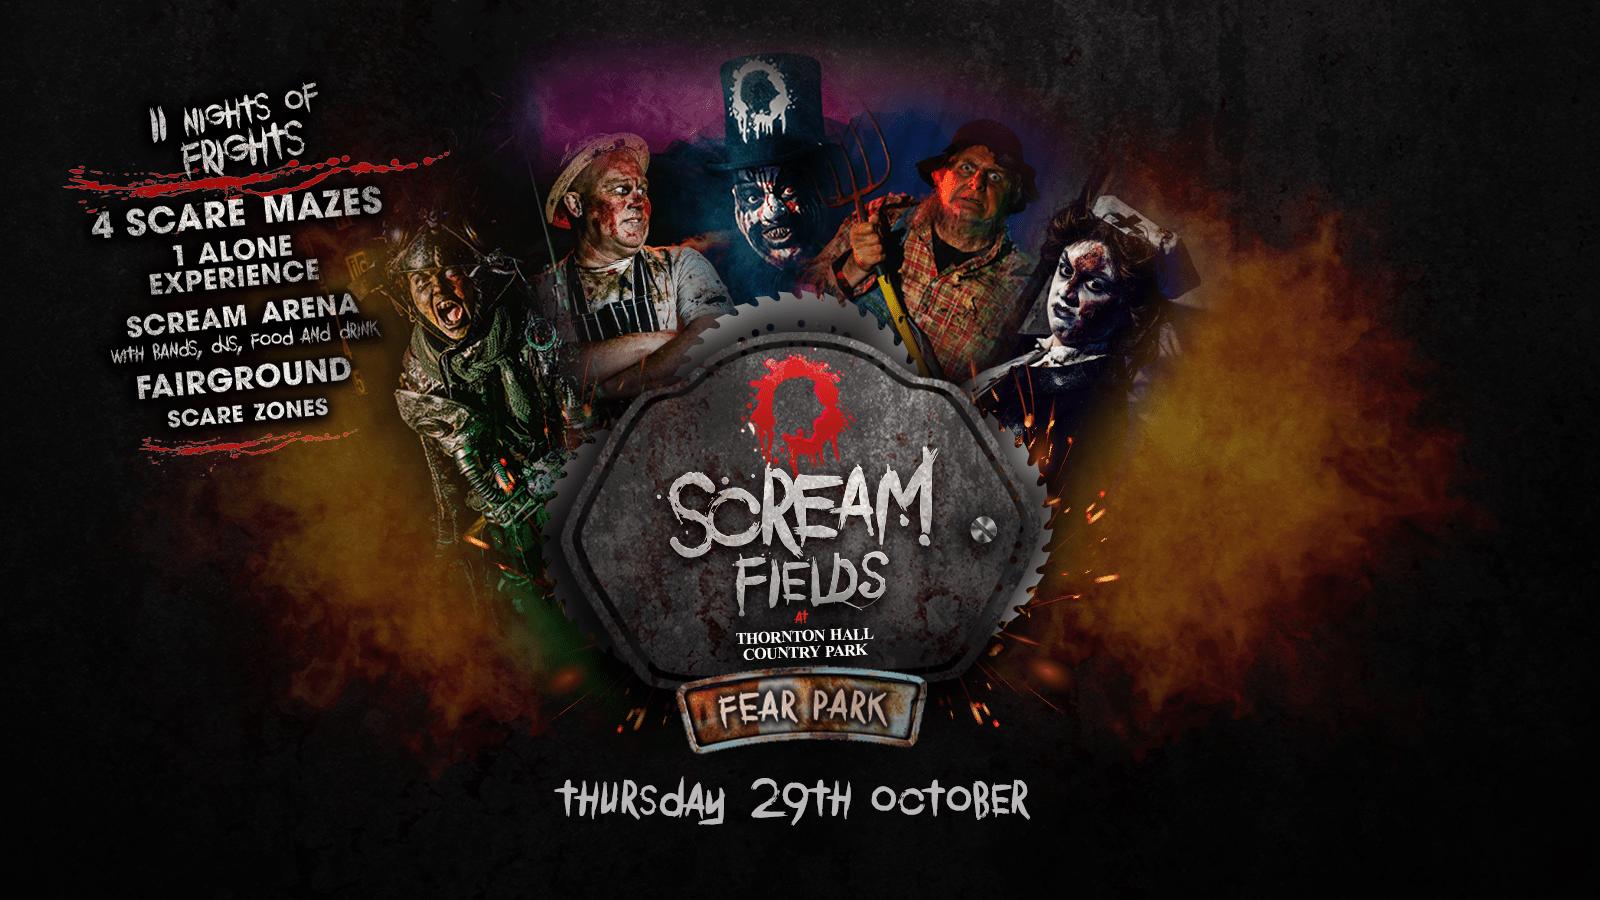 5.15PM – Screamfields: Thursday 29th October 2020